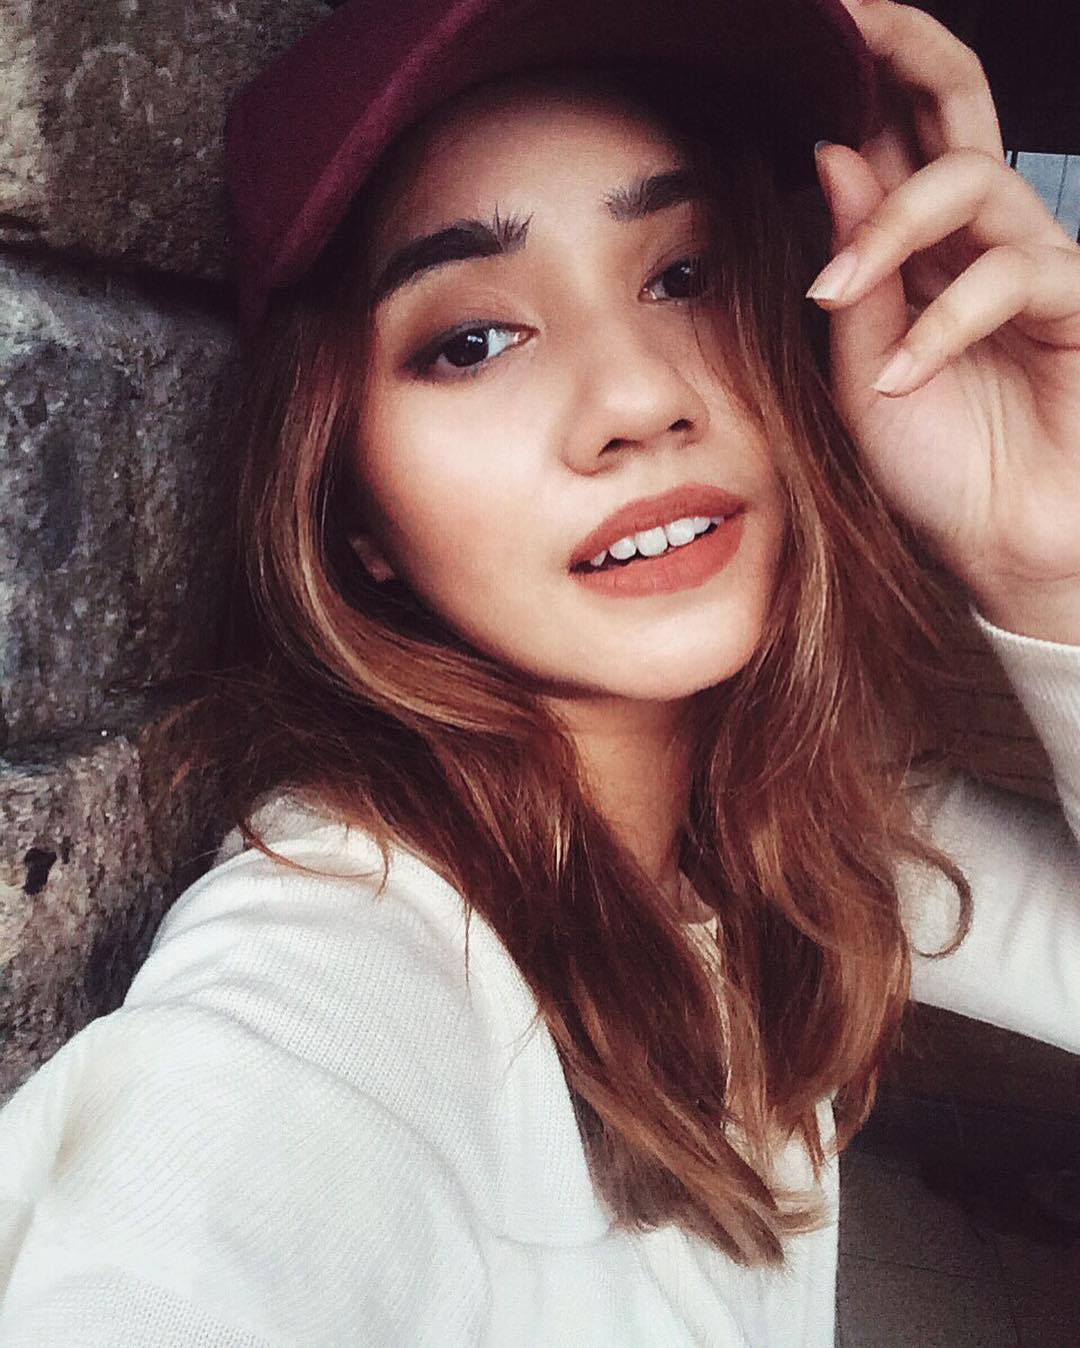 Aileen Clarisse Instagram username